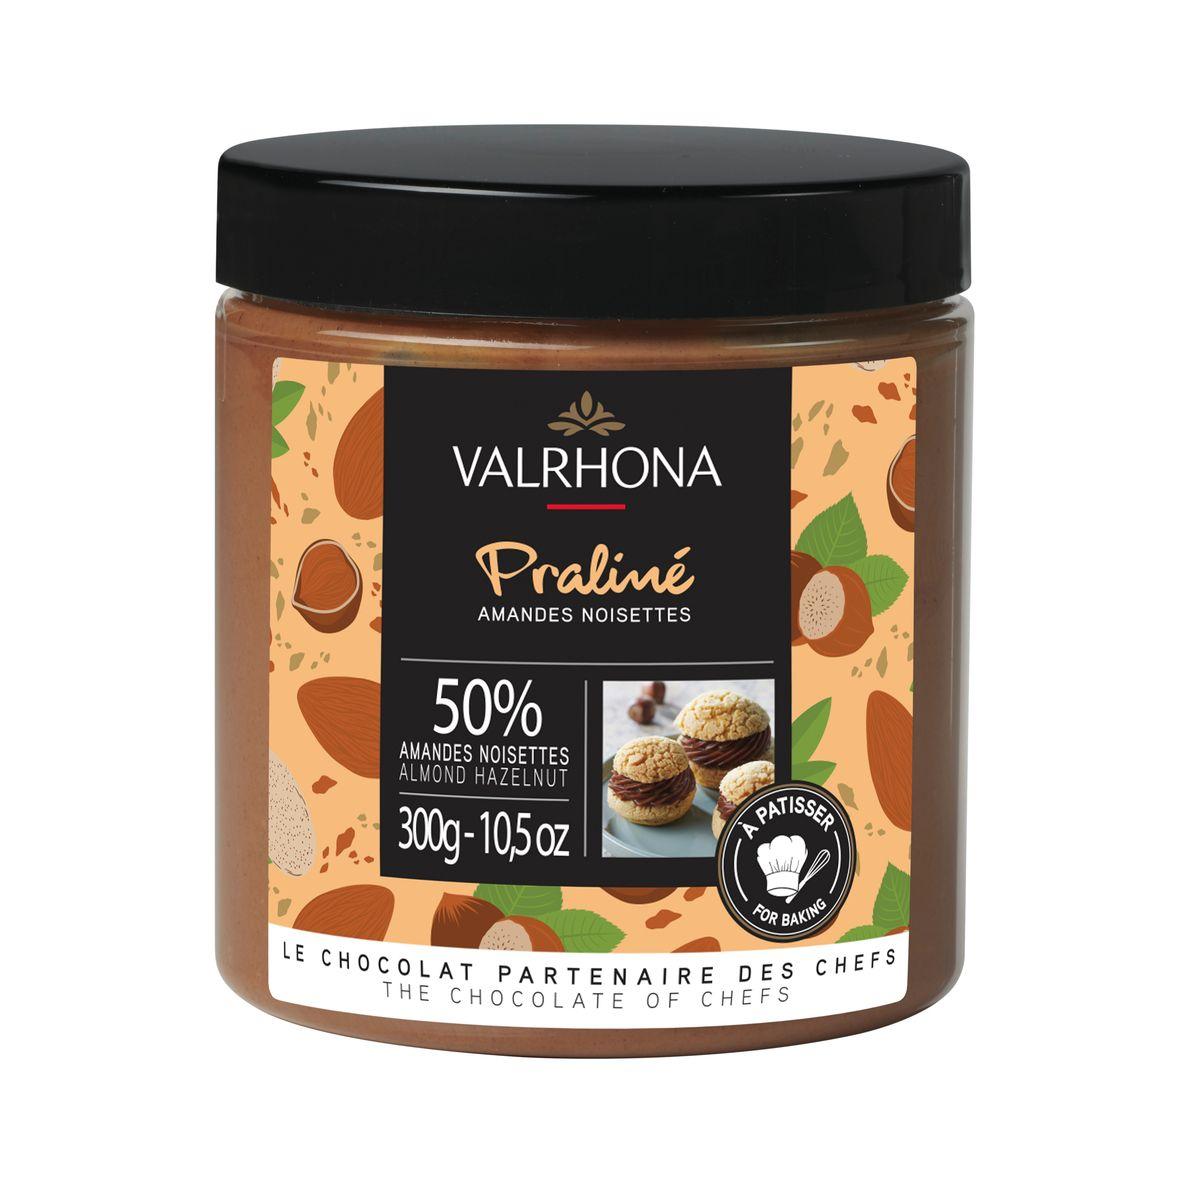 Praliné amande noisette fruité 50% 300 gr - Valrhona